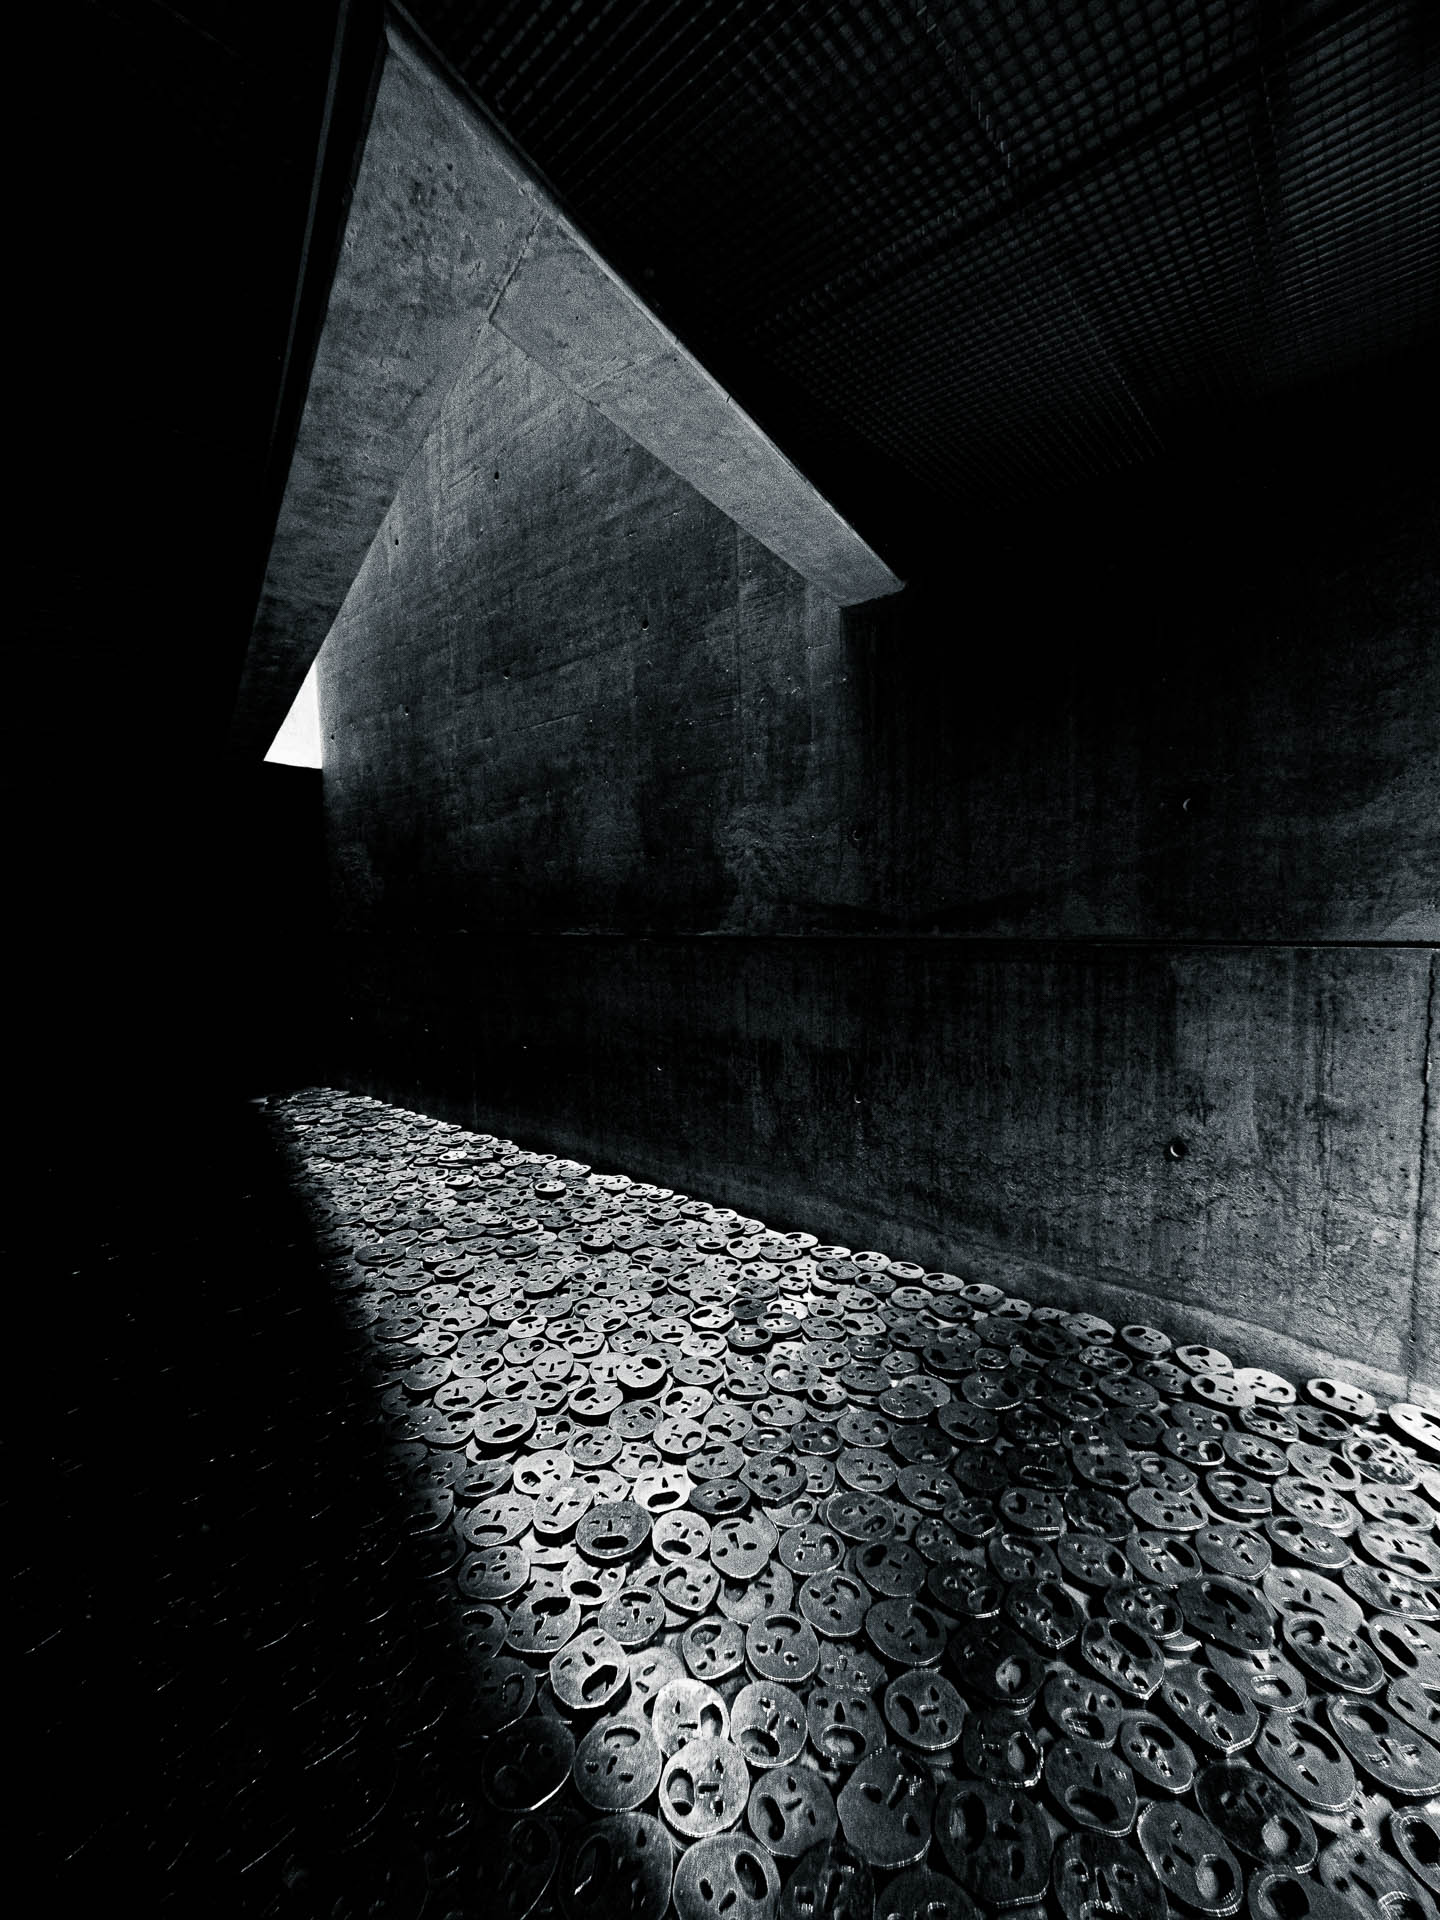 Schalechet - Peter Jung